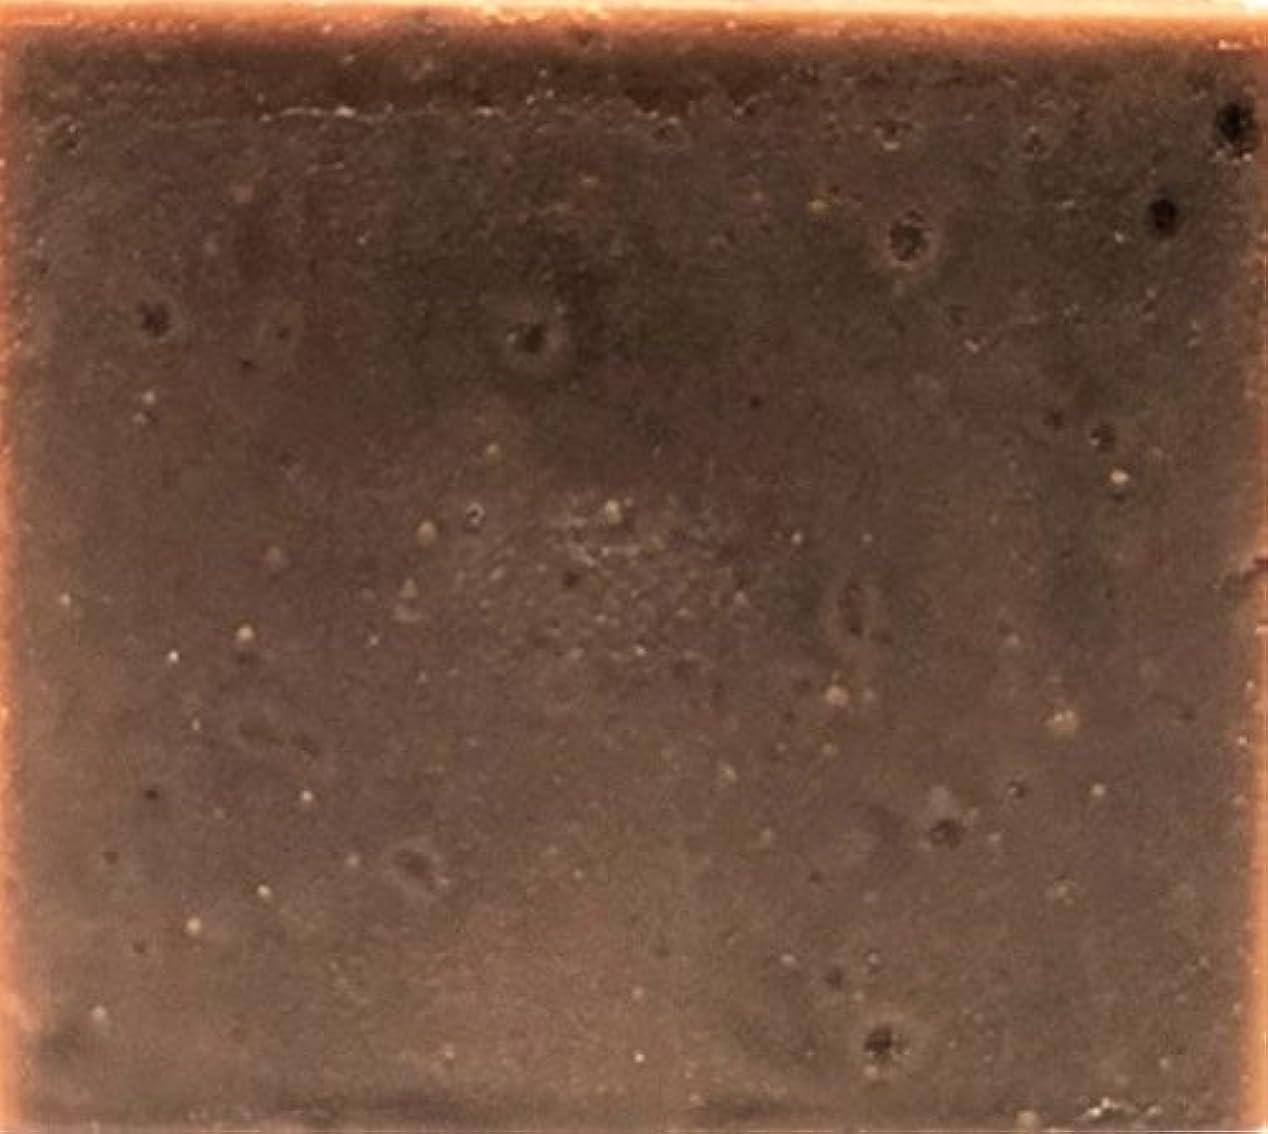 悪行パッケージ民族主義篠山石鹸 ラベンダー 90g 自家製ハーブを使い、コールドプロセス製法で作った手作り石けん